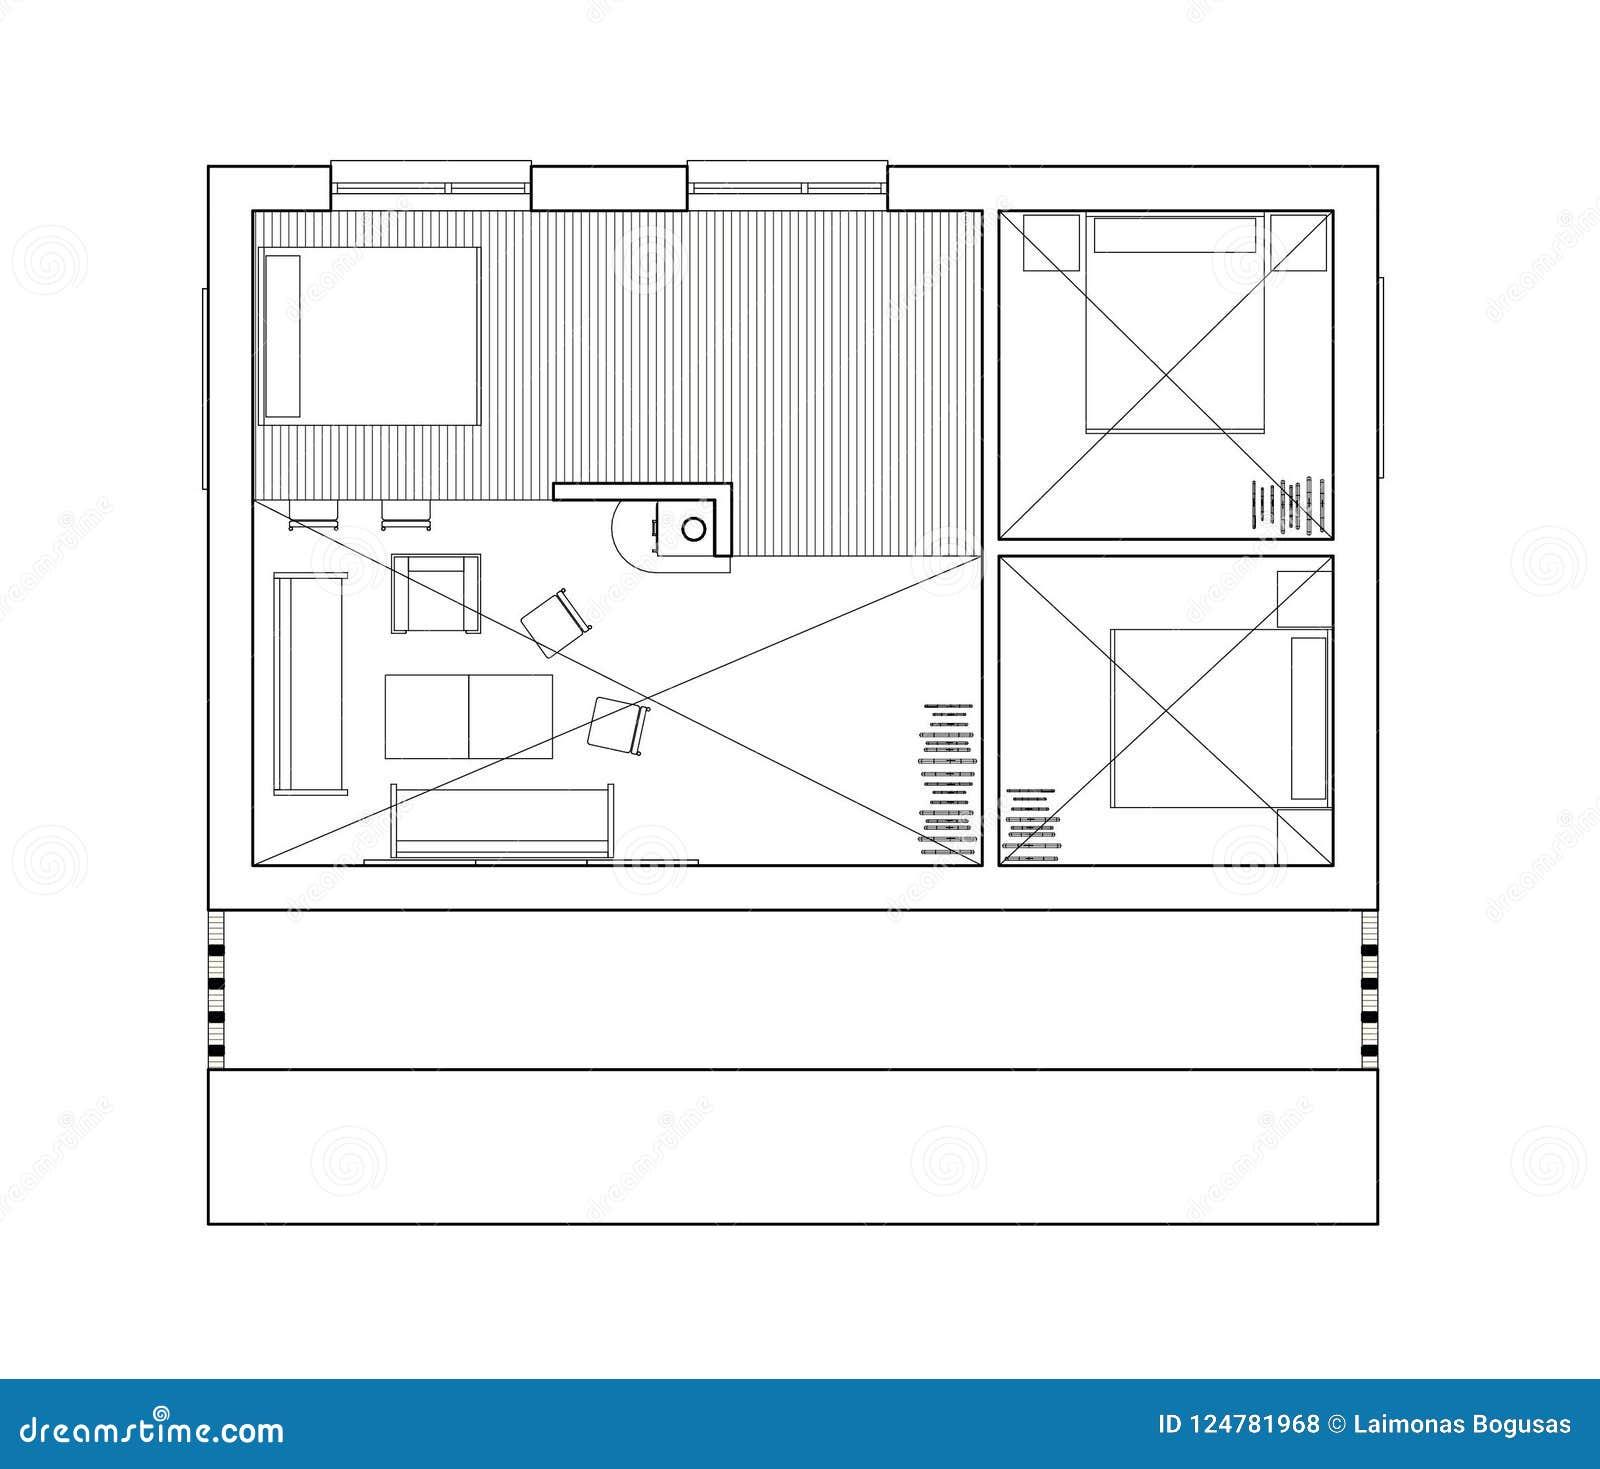 2.o dibujo - plan de piso aislado de la casa unifamiliar